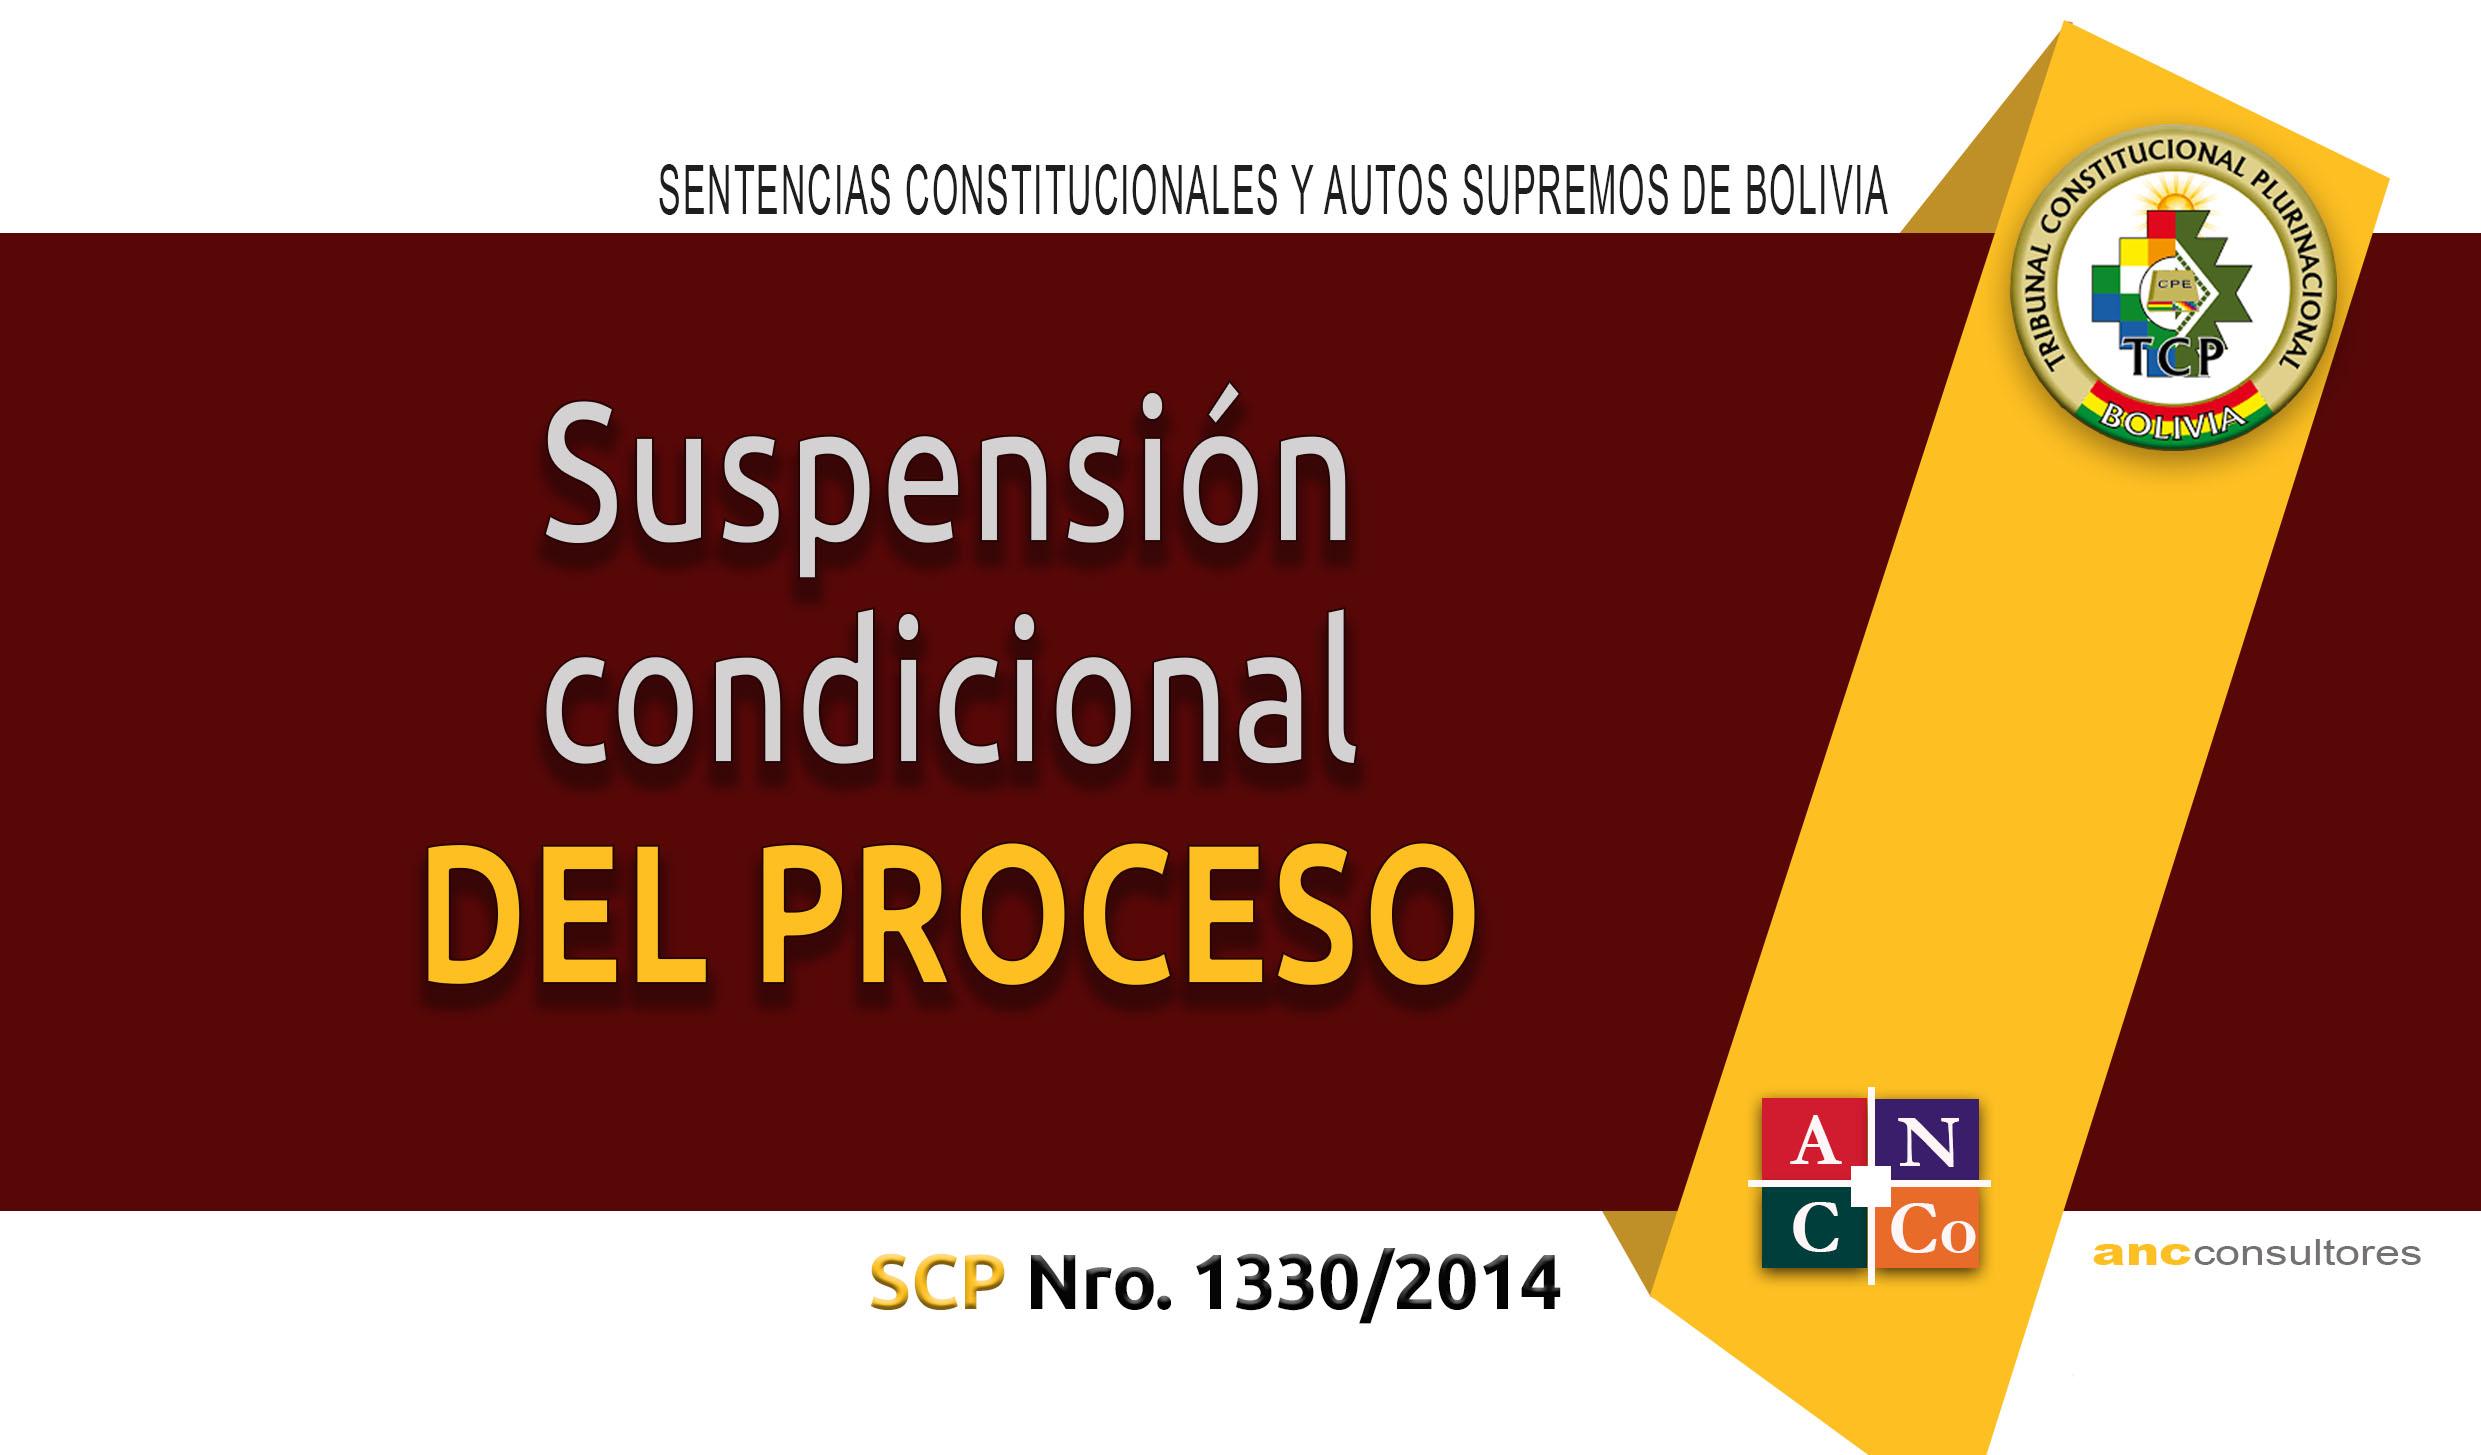 Antecedentes de la suspension condicional del proceso